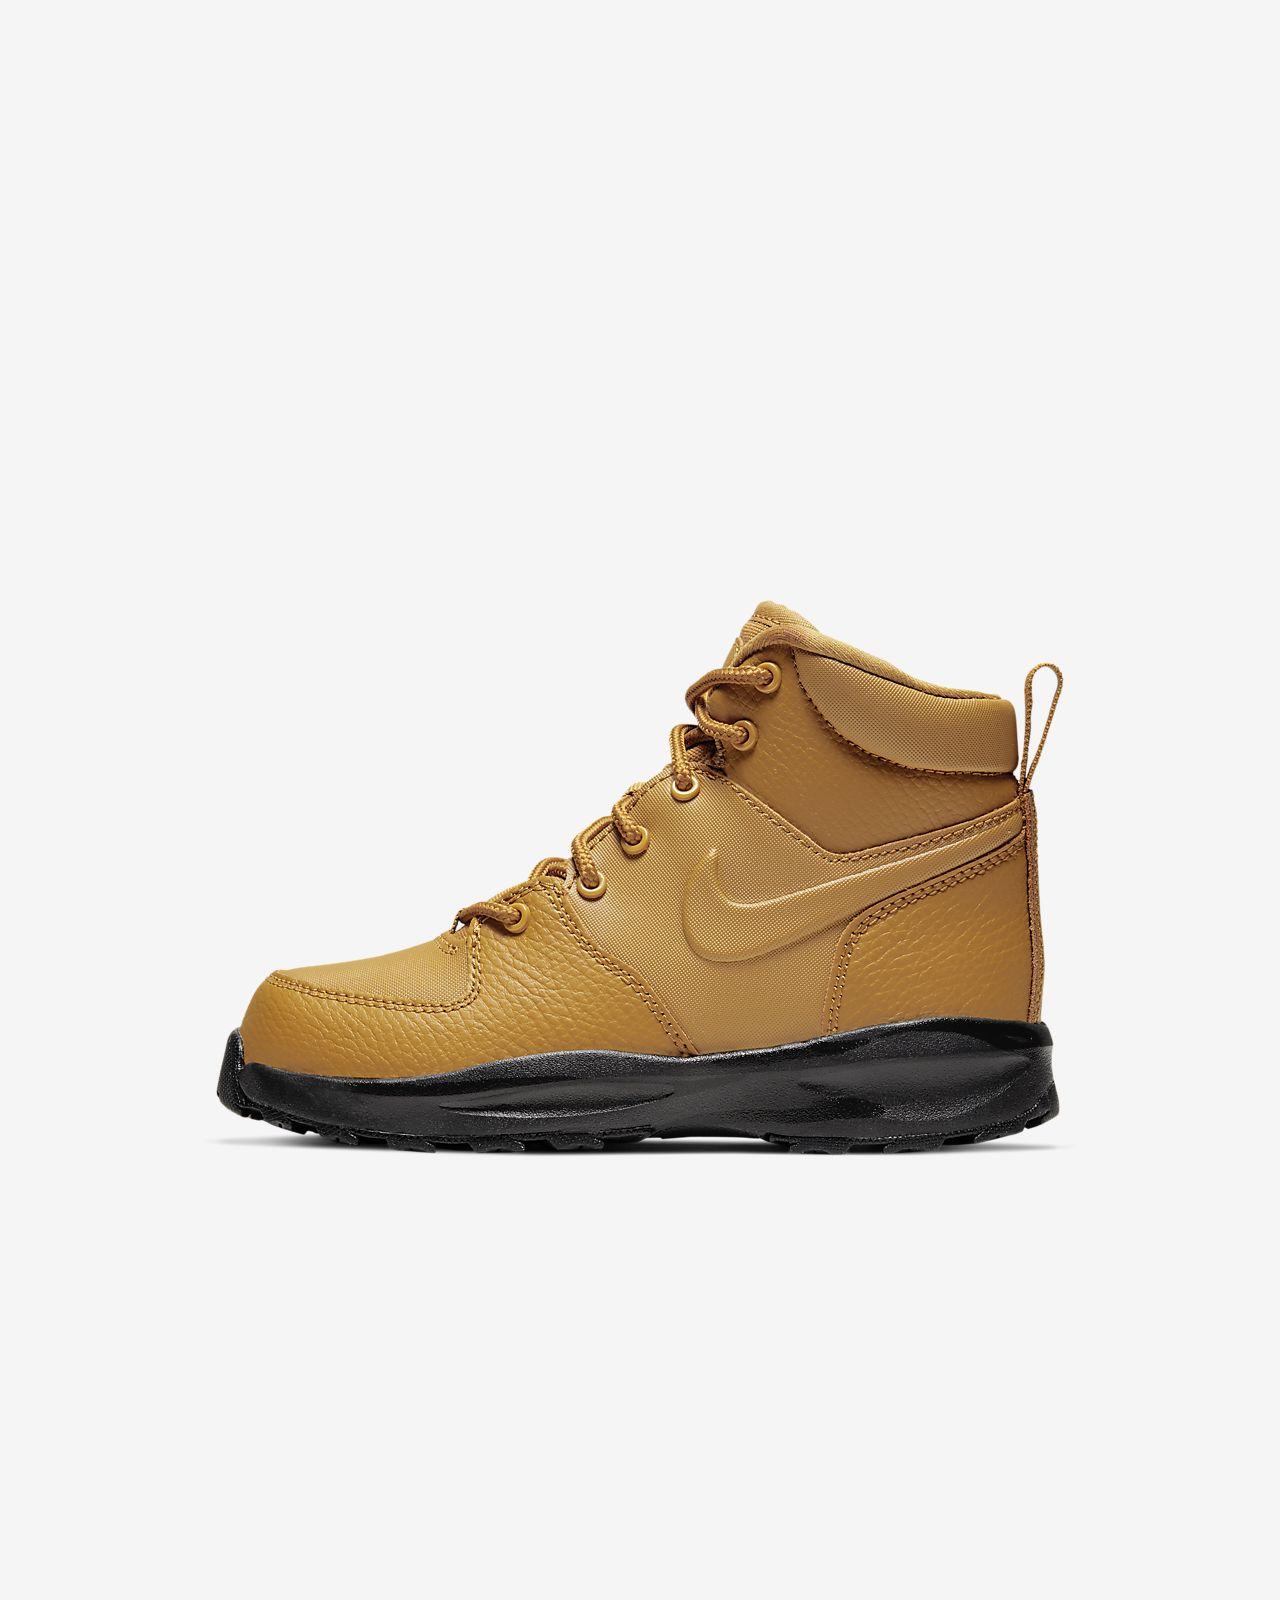 acheter populaire caef4 28c43 Botte Nike Manoa pour Jeune enfant